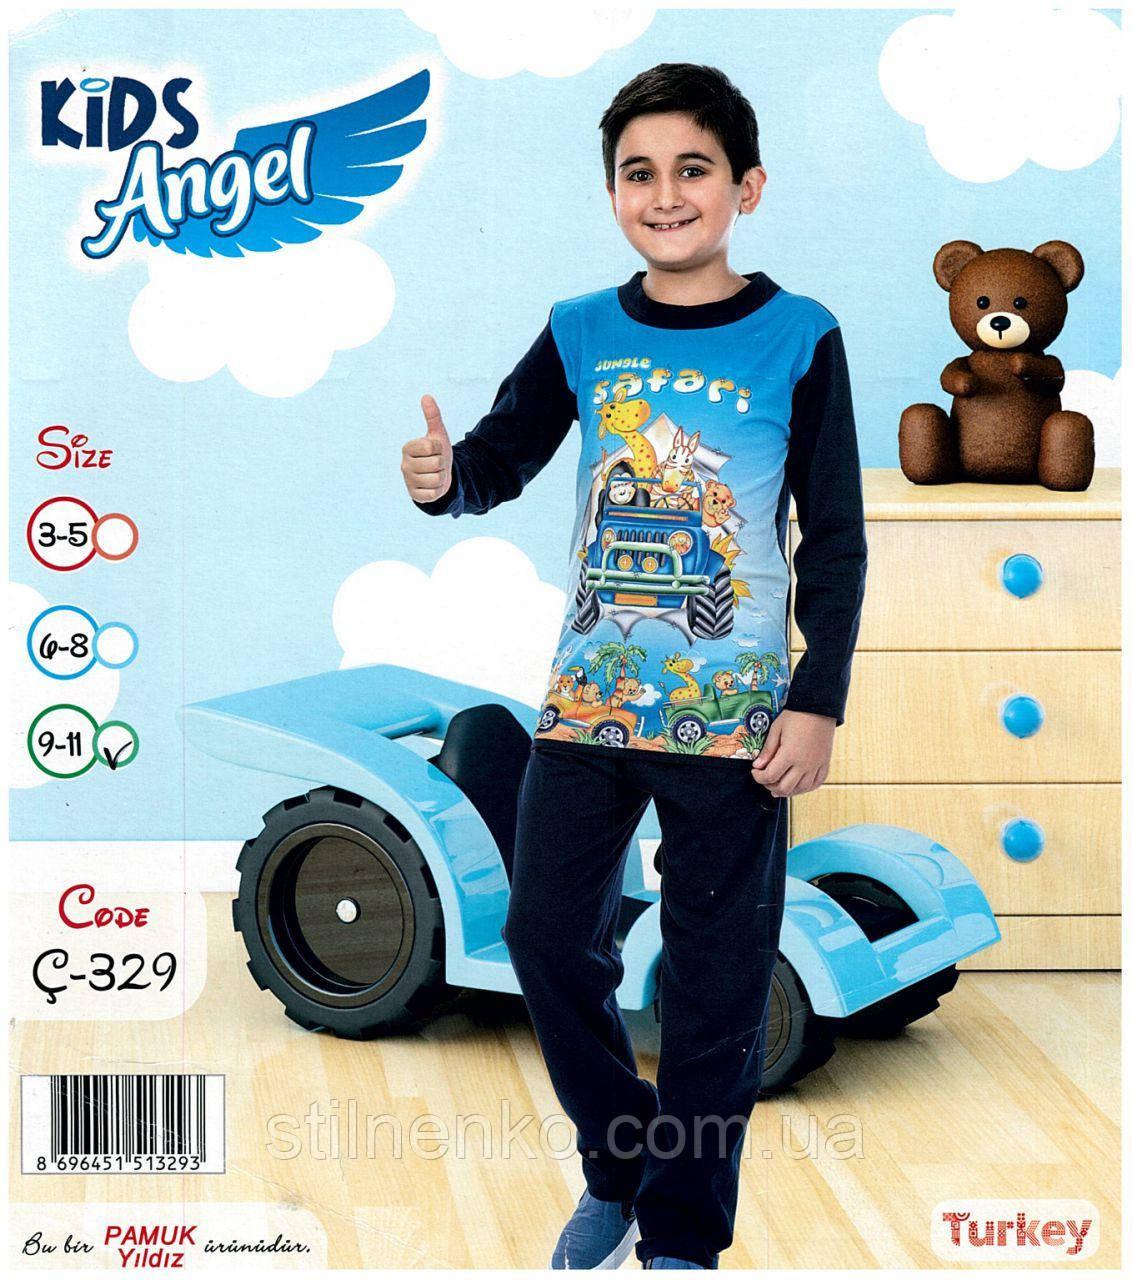 """Детская пижама """"Kids Angel"""",Турция,3-11 лет"""